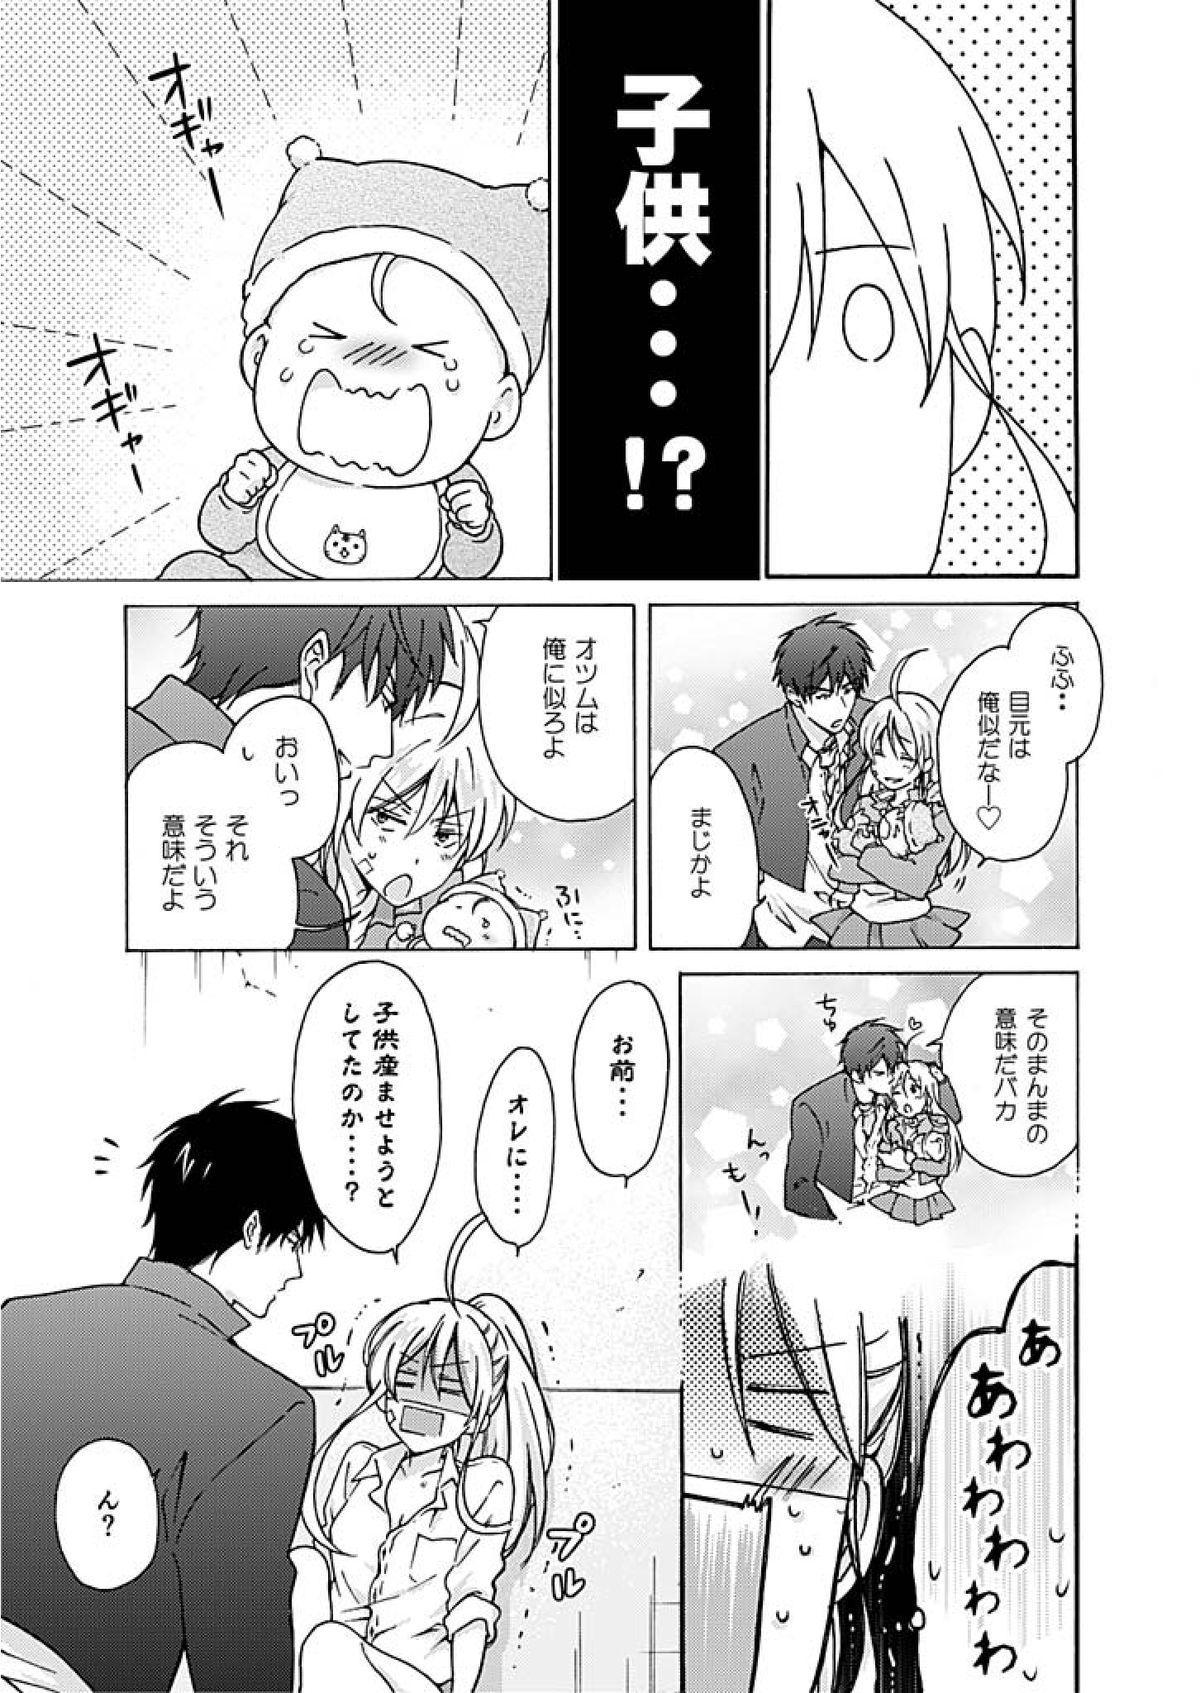 Nyotaika Yankee Gakuen ☆ Ore no Hajimete, Nerawaretemasu. 3 19